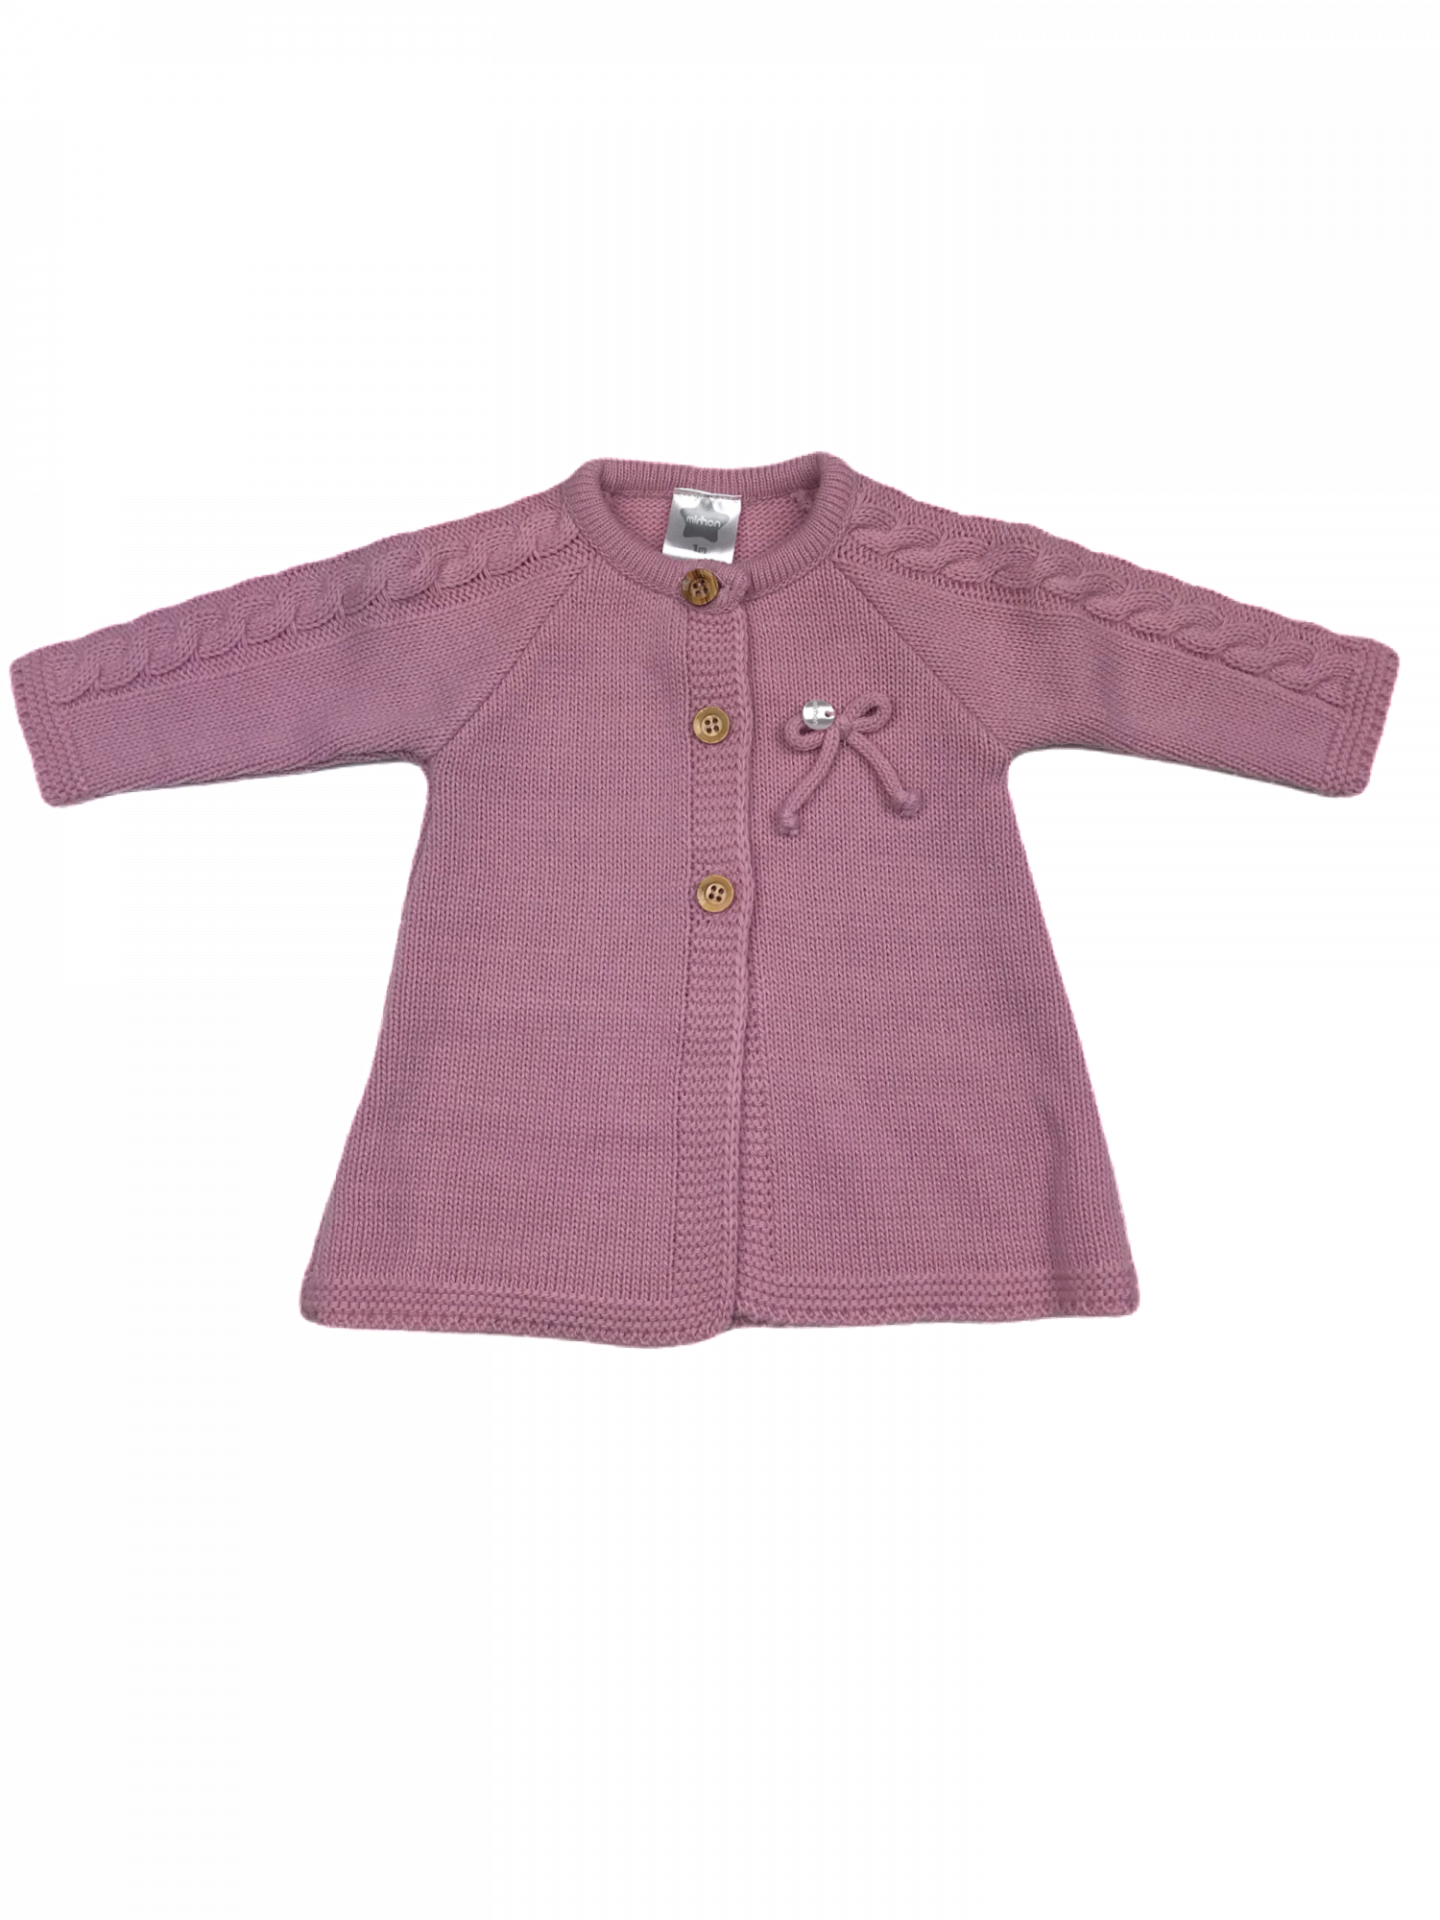 Chaqueta con lazo para niña en punto en rosa malva